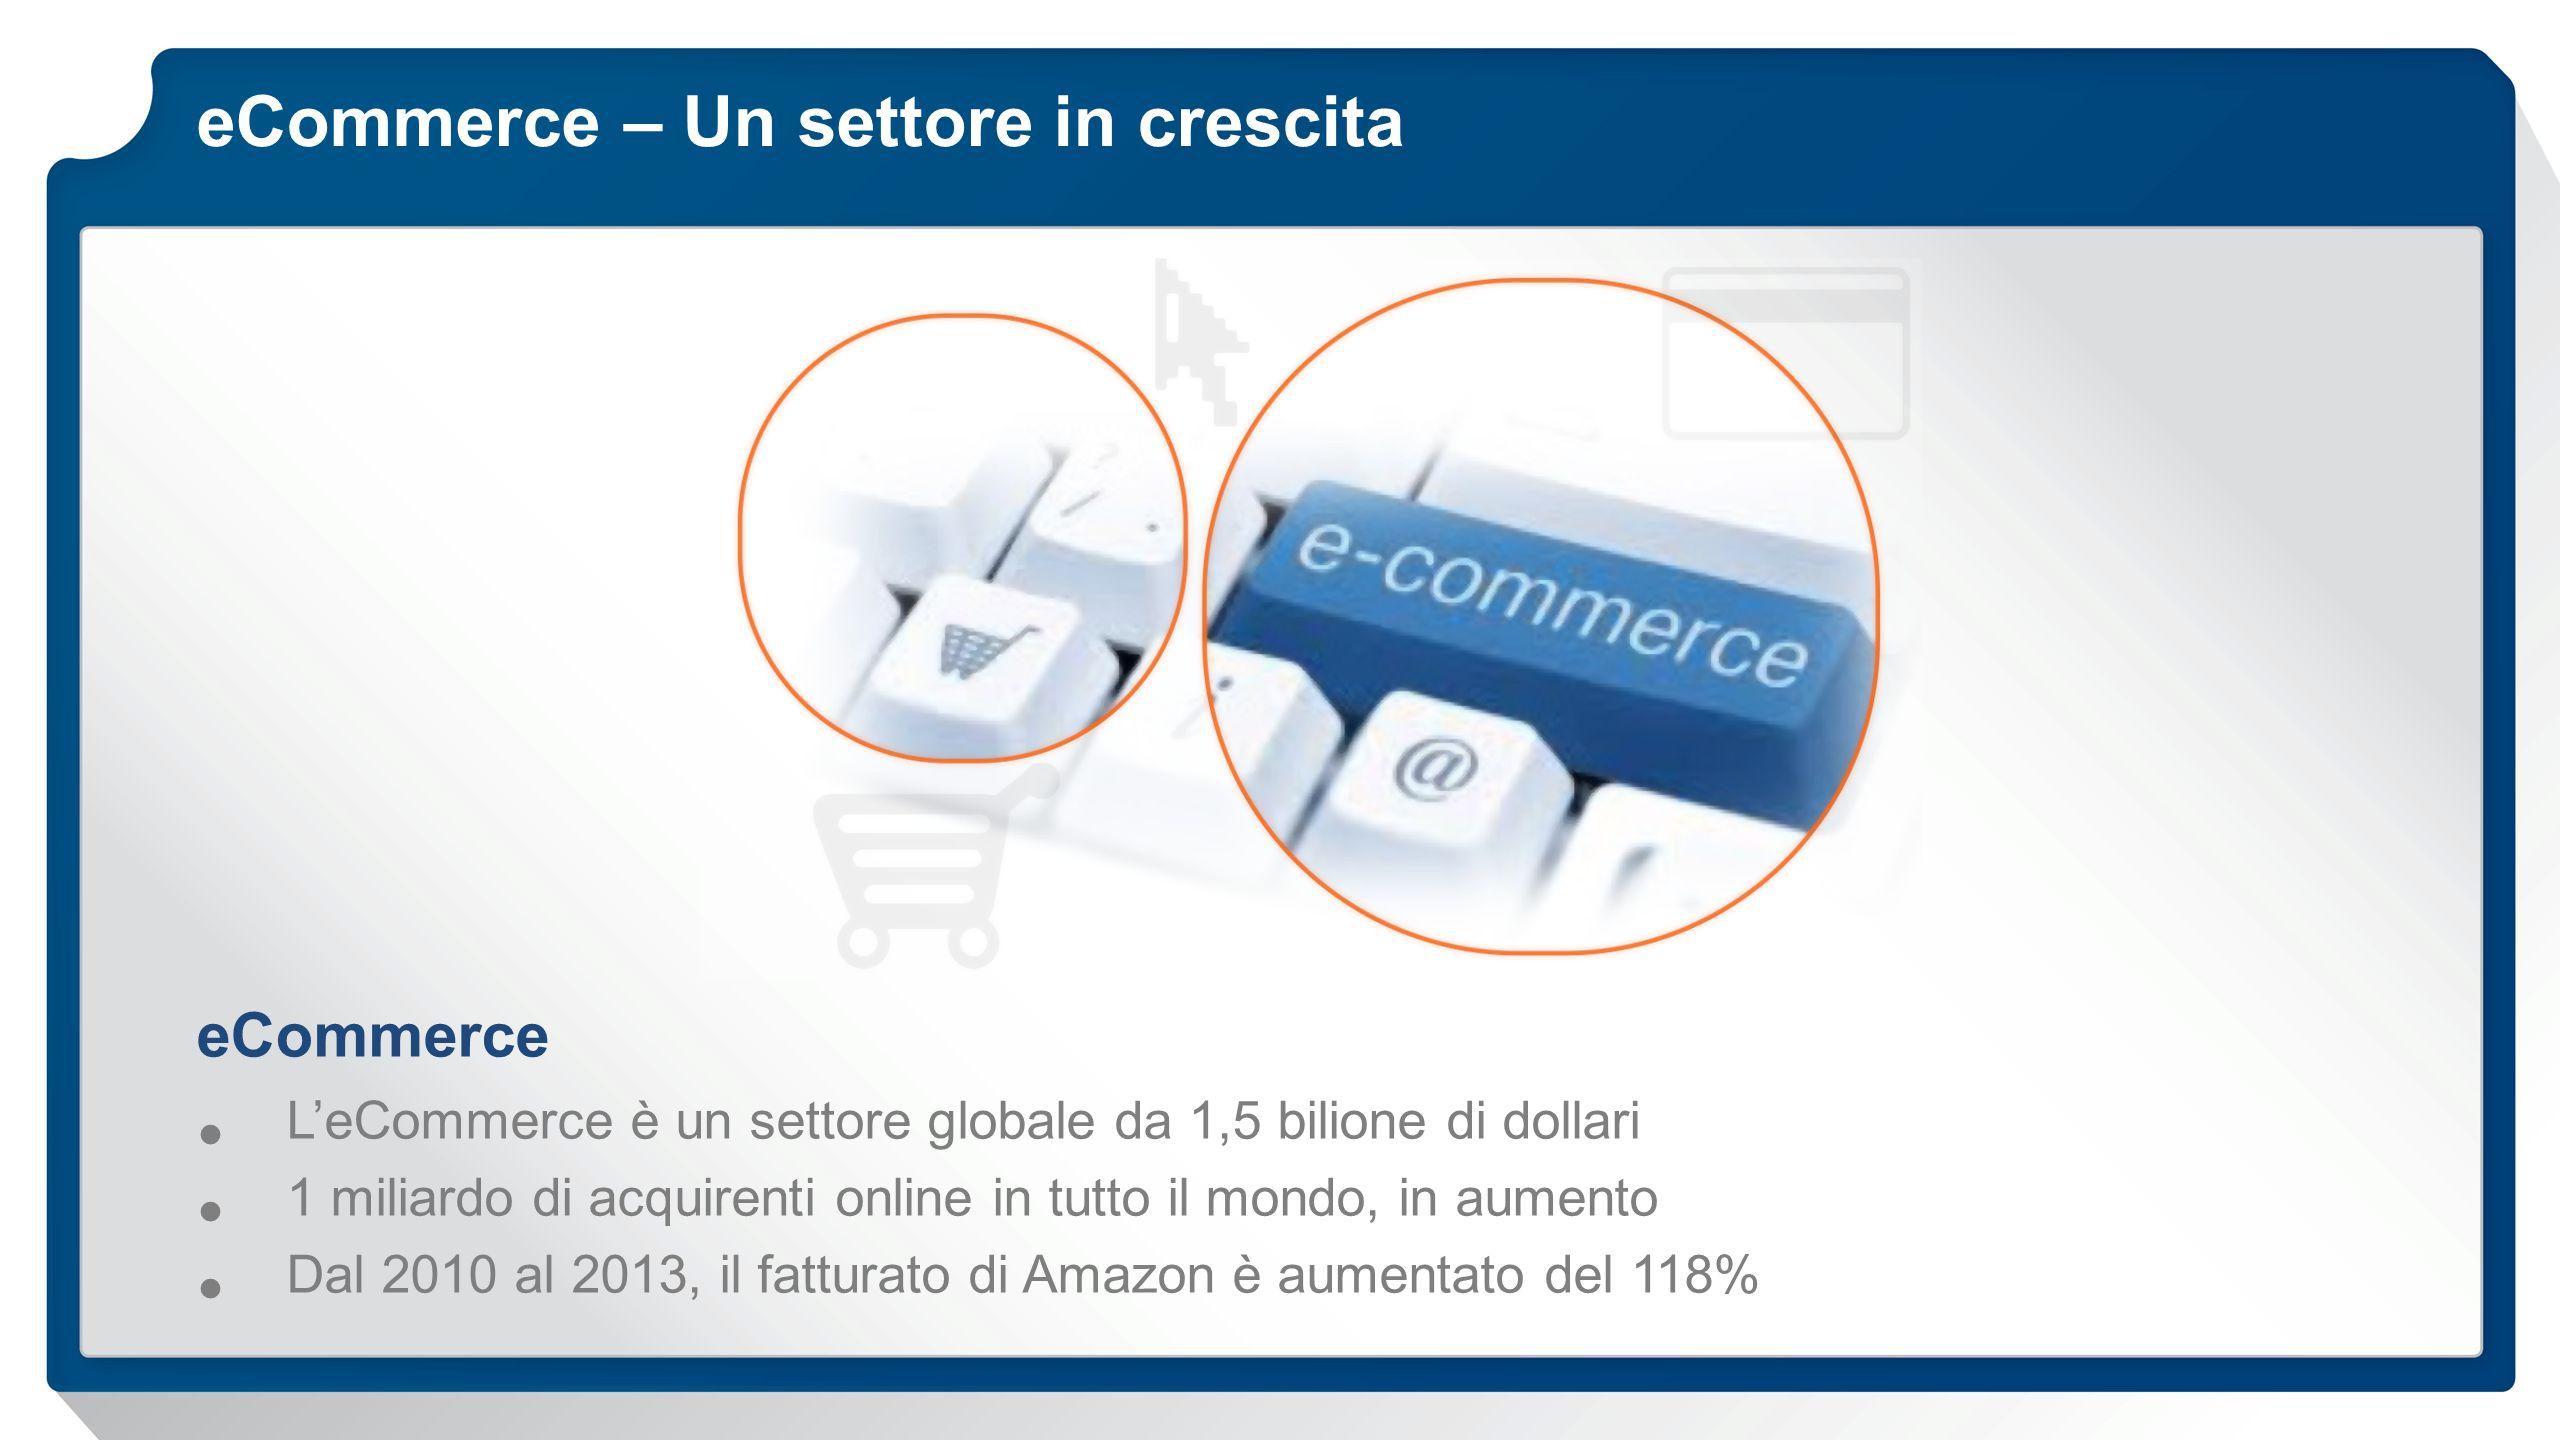 eCommerce – Un settore in crescita eCommerce L'eCommerce è un settore globale da 1,5 bilione di dollari 1 miliardo di acquirenti online in tutto il mondo, in aumento Dal 2010 al 2013, il fatturato di Amazon è aumentato del 118%